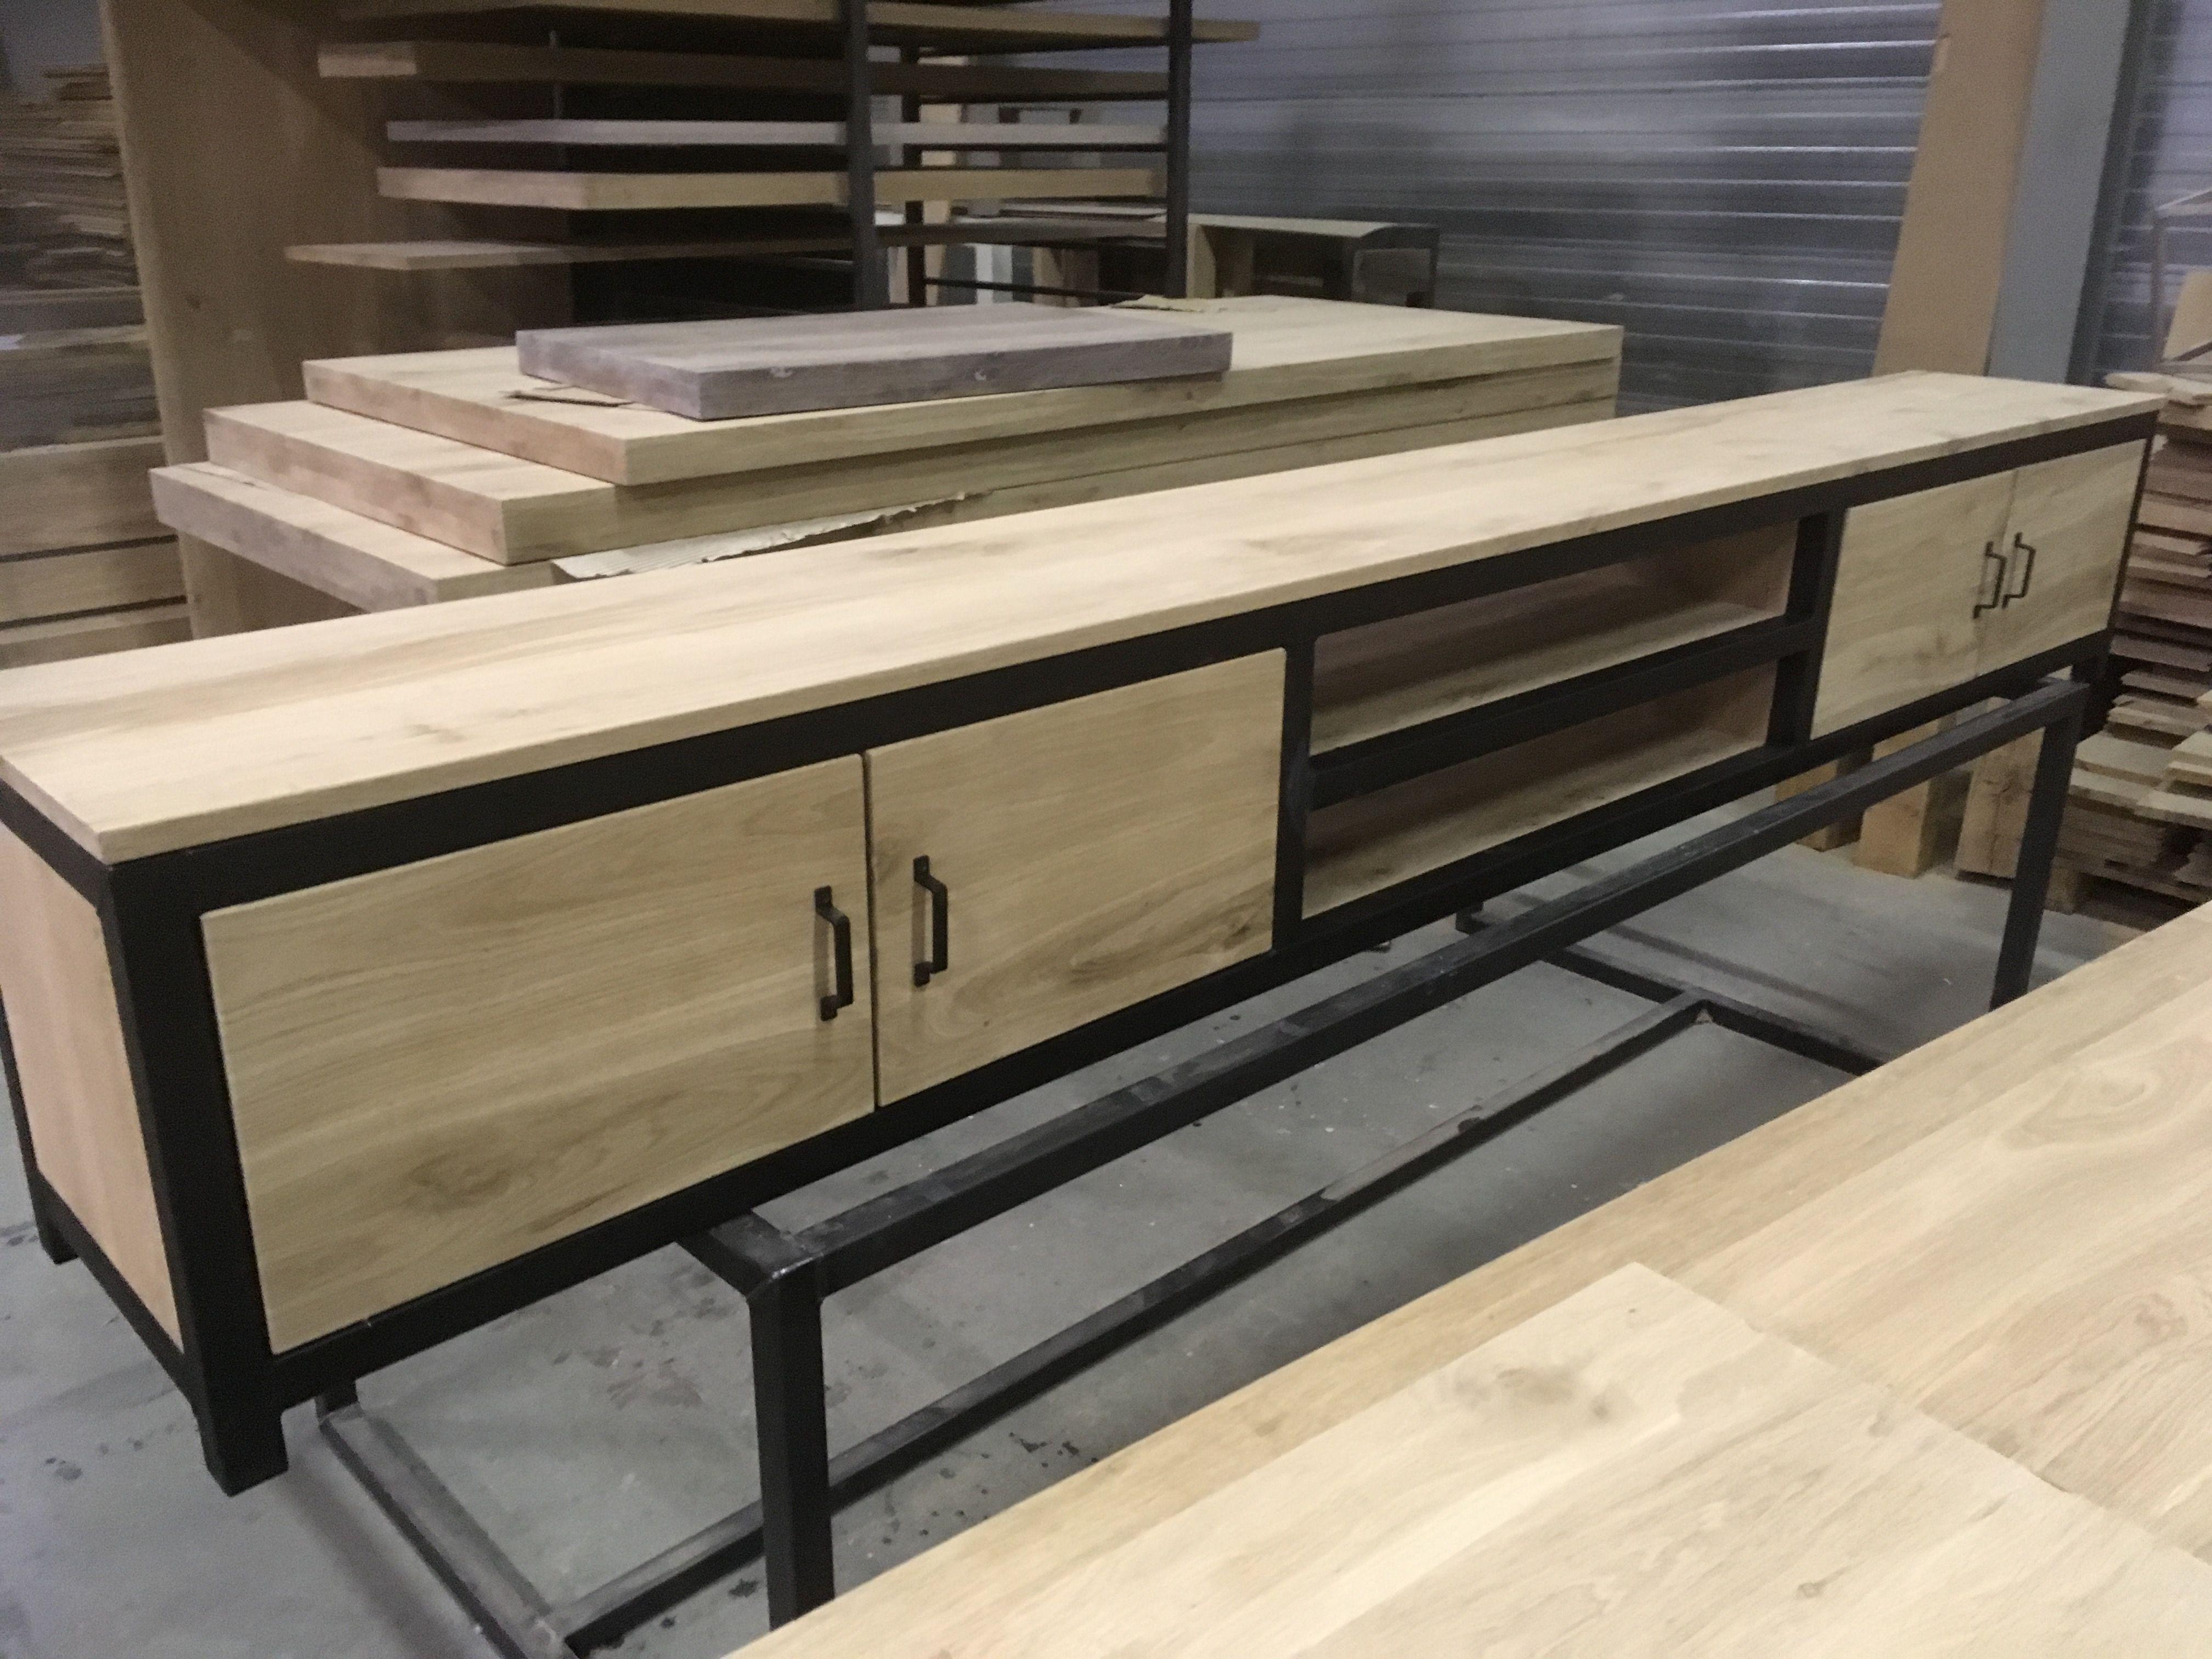 Www Meubels Nl : Tv meubel eiken staal kaldenbach meubels wood